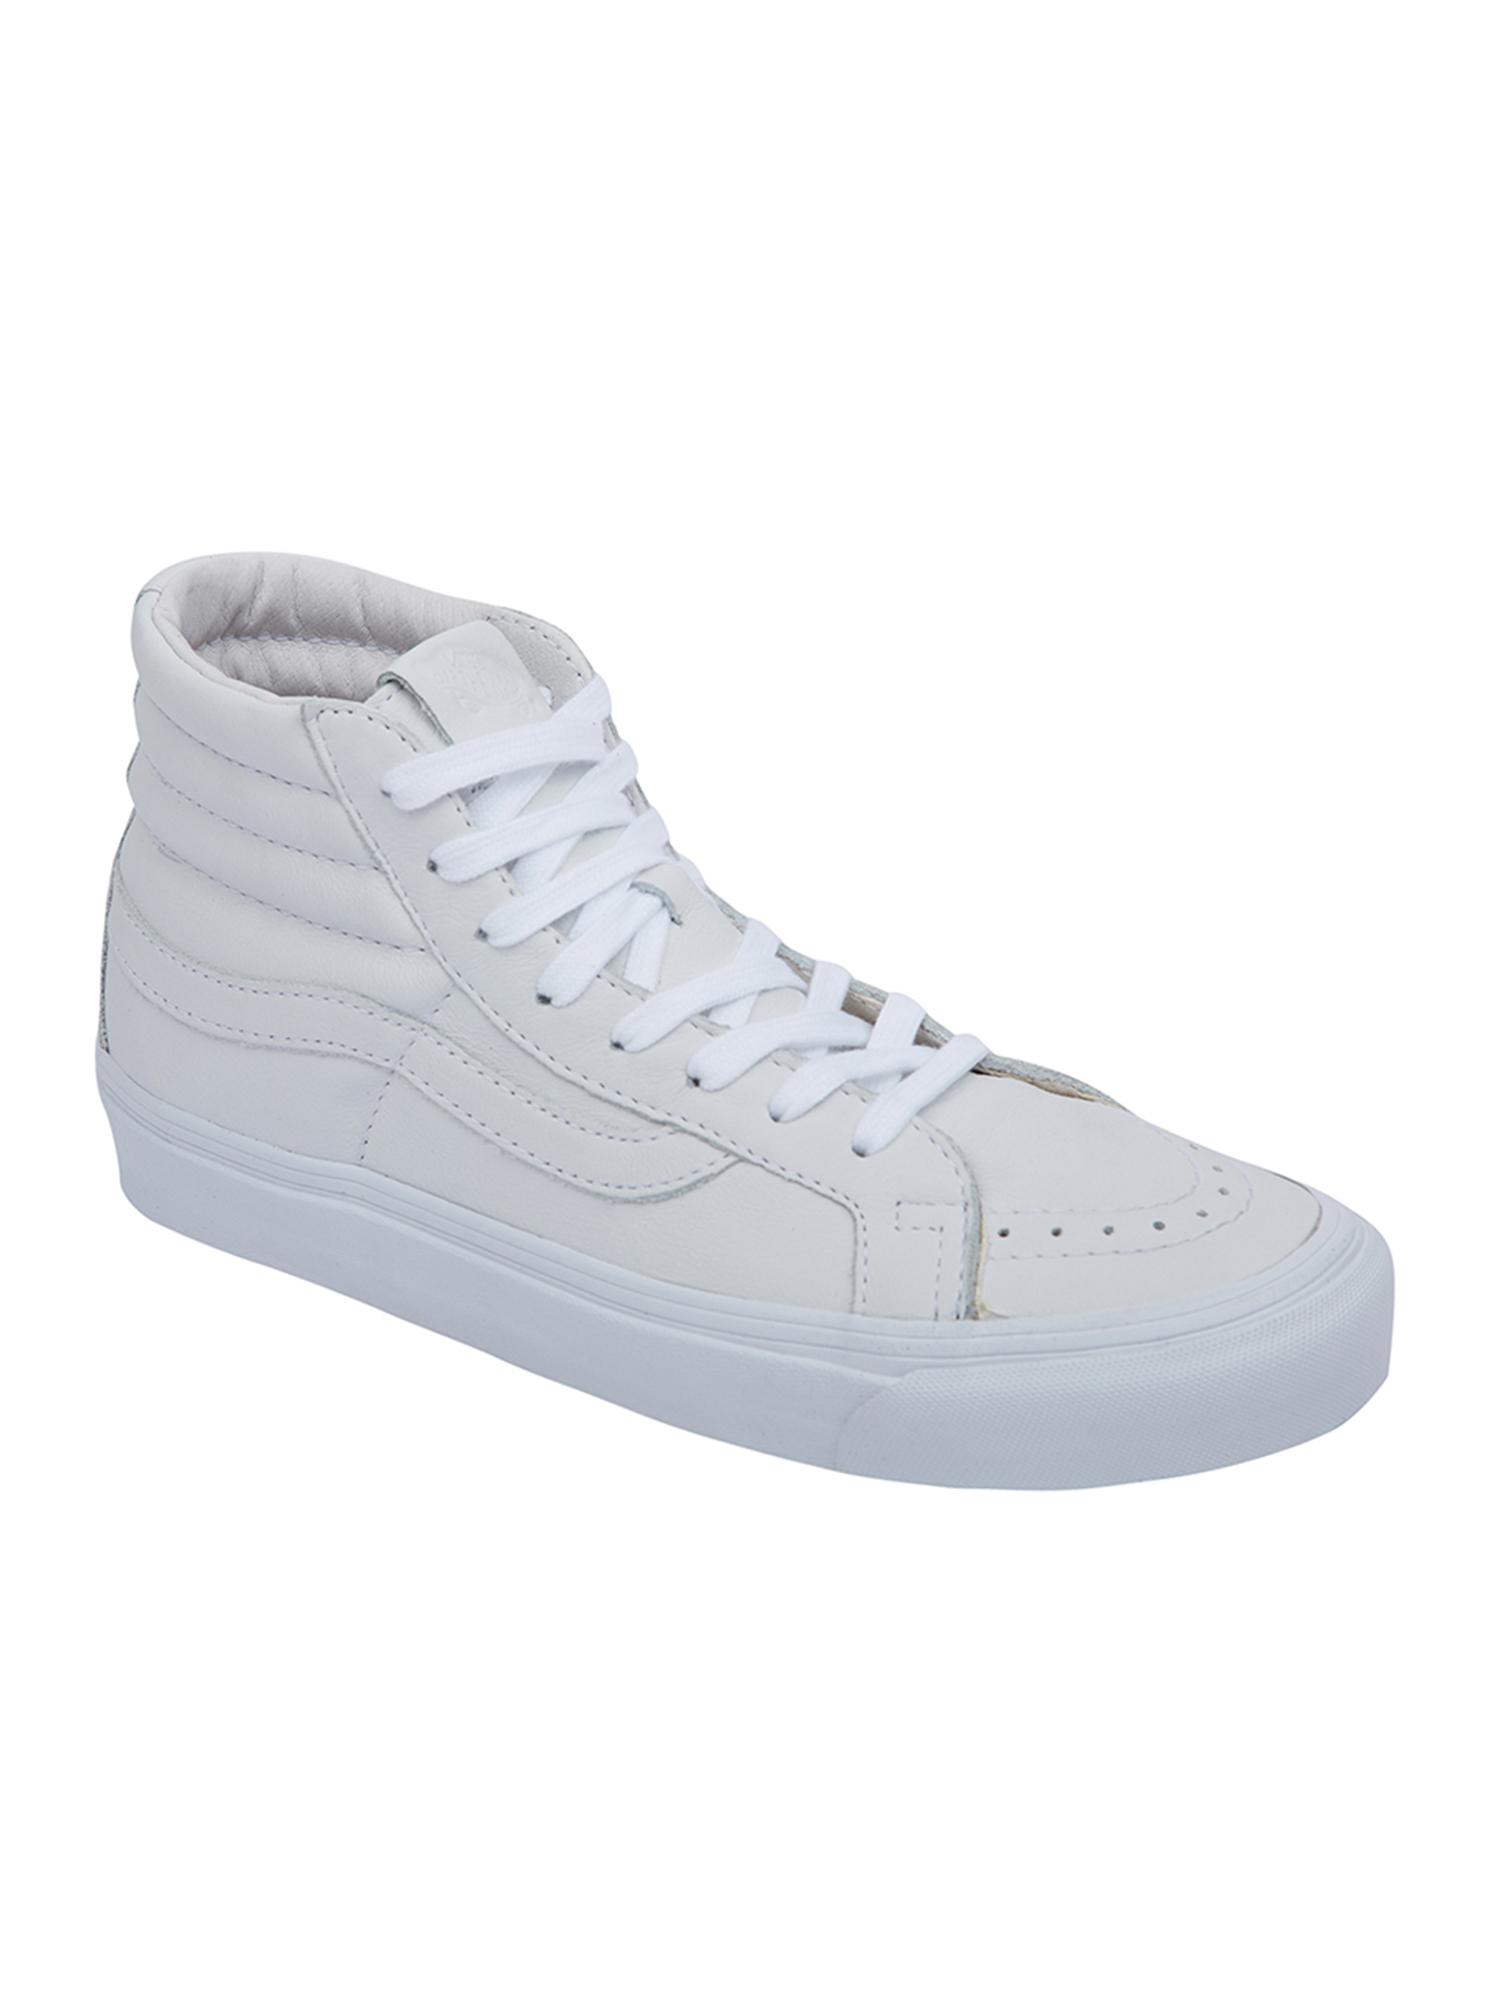 Vans OG SK8-HI LX Sneakers VN0003T01NT VLT White